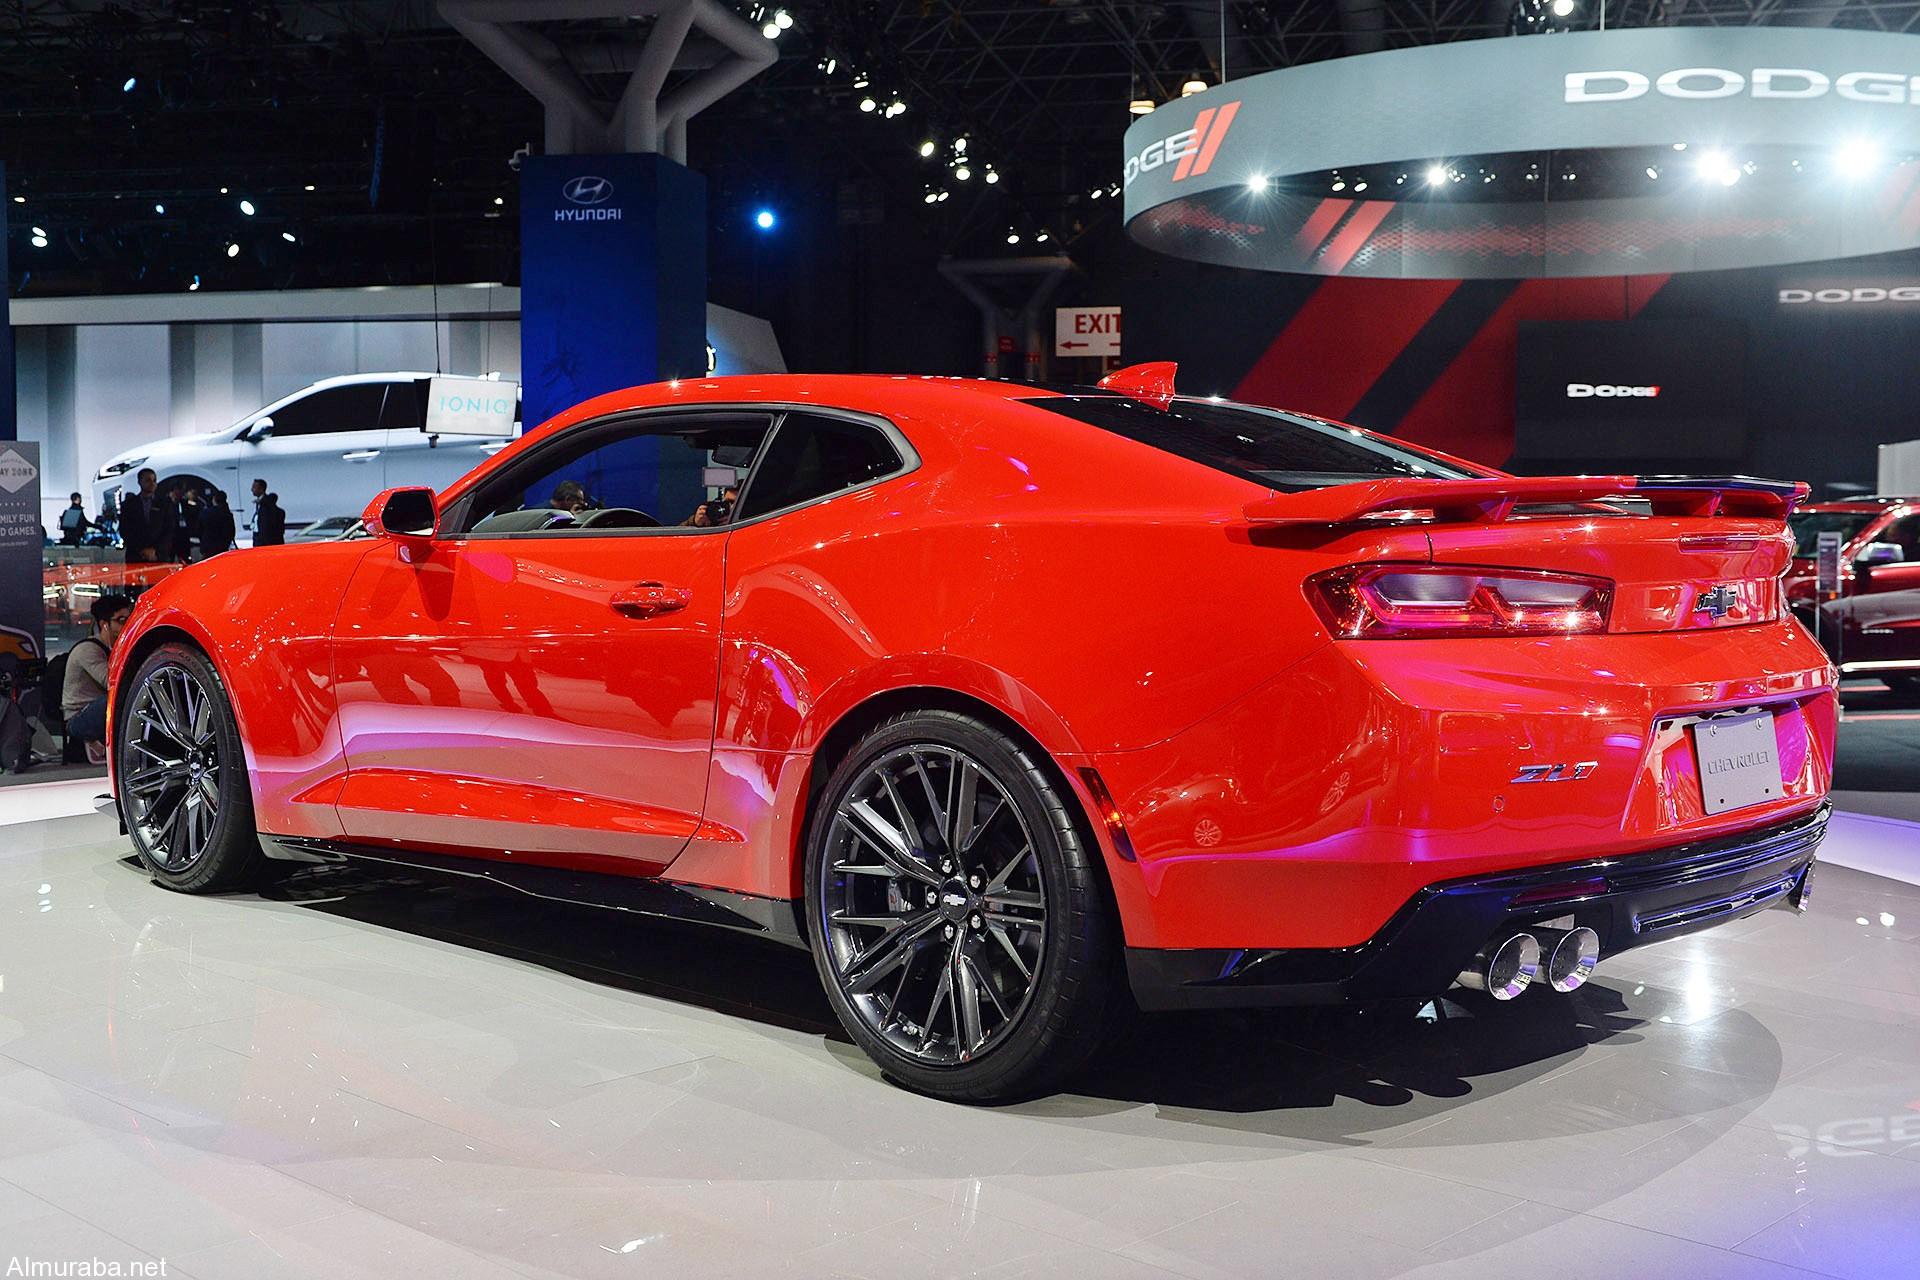 شفرولية كمارو Zl1 2017 الجديدة كلياً تدشن نفسها فيديو ومواصفات وصور Chevrolet Camaro المربع نت